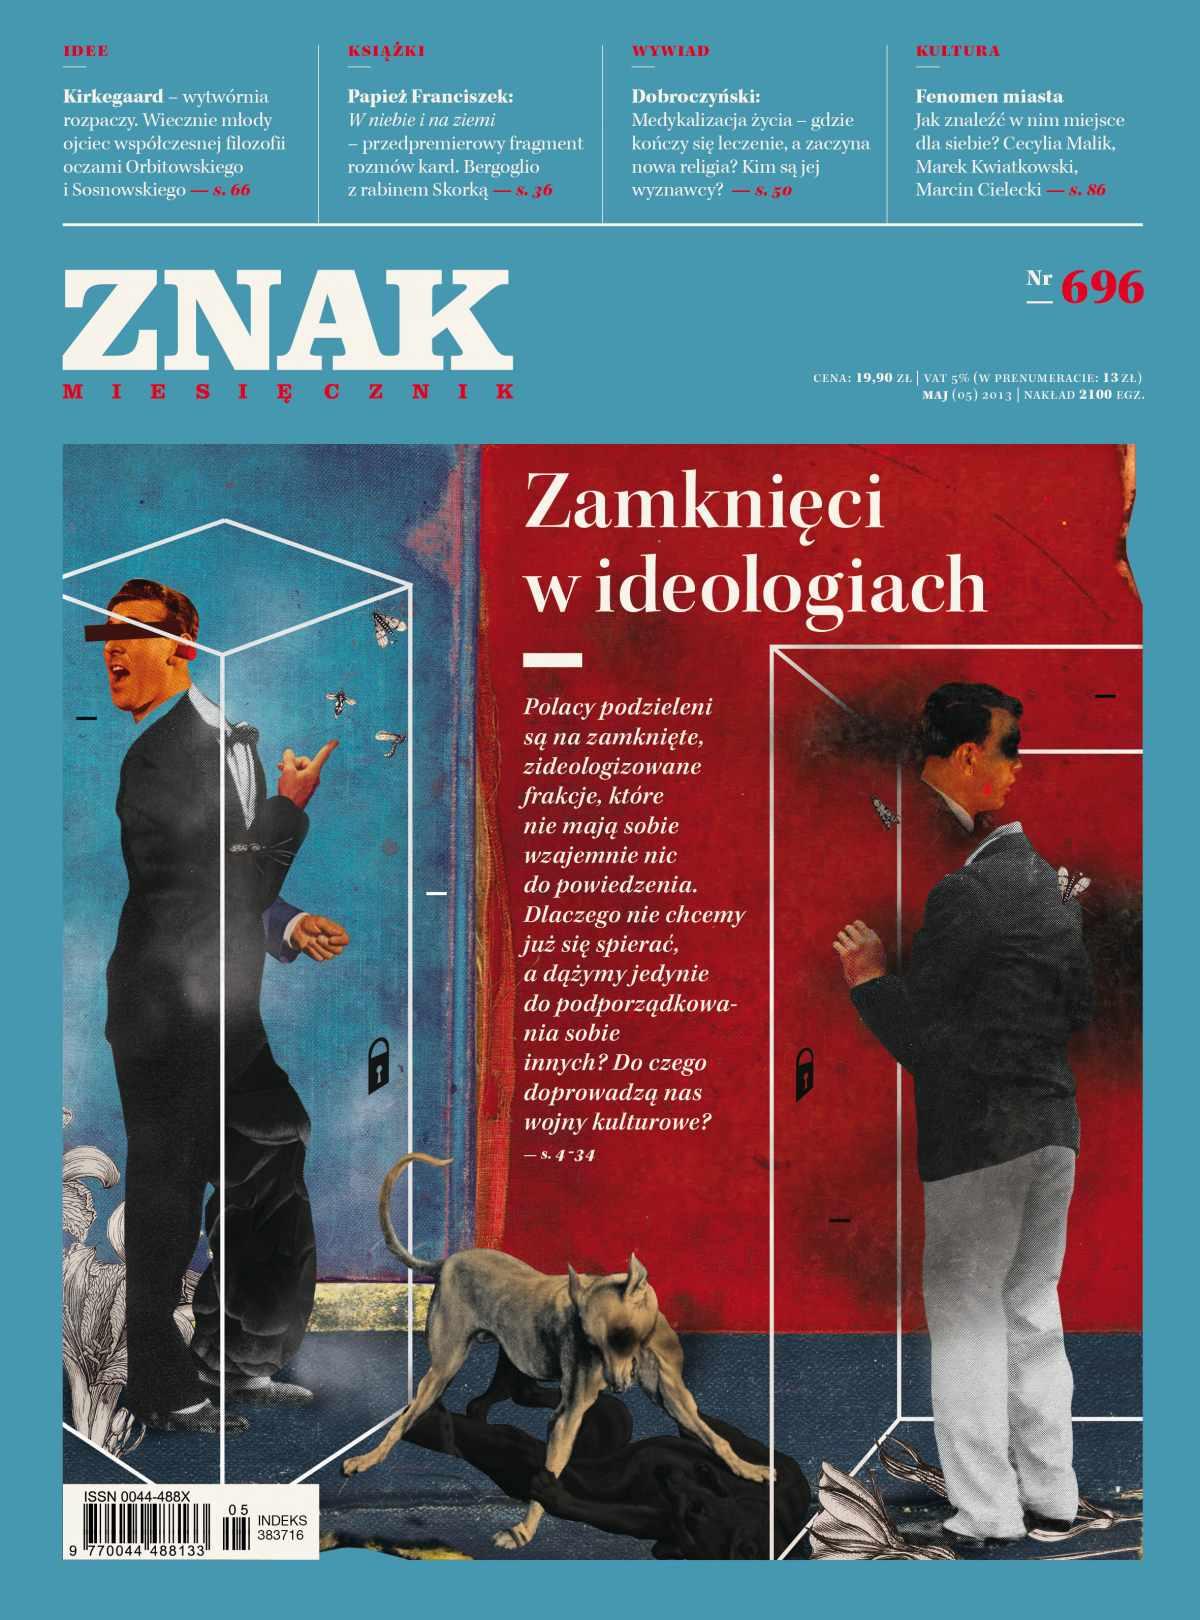 Miesięcznik Znak. Maj 2013 - Ebook (Książka PDF) do pobrania w formacie PDF